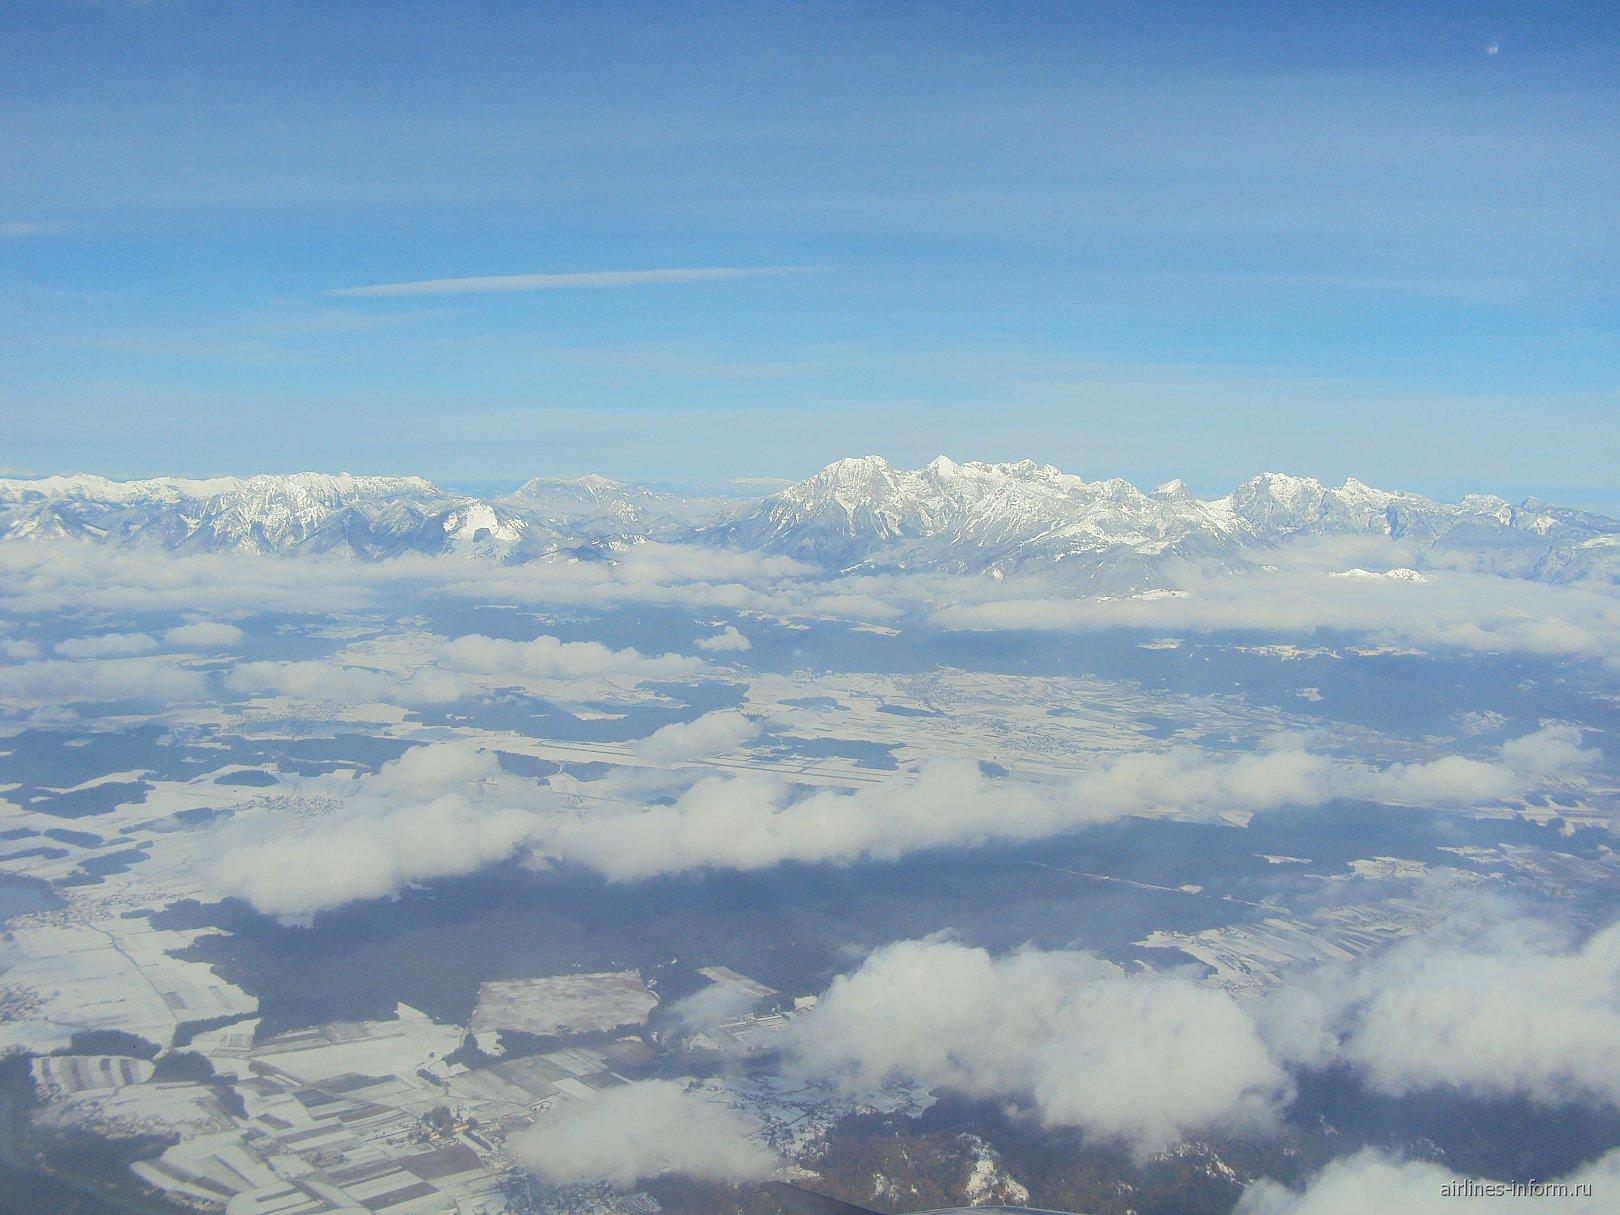 Вид на аэропорт Любляны из самолета